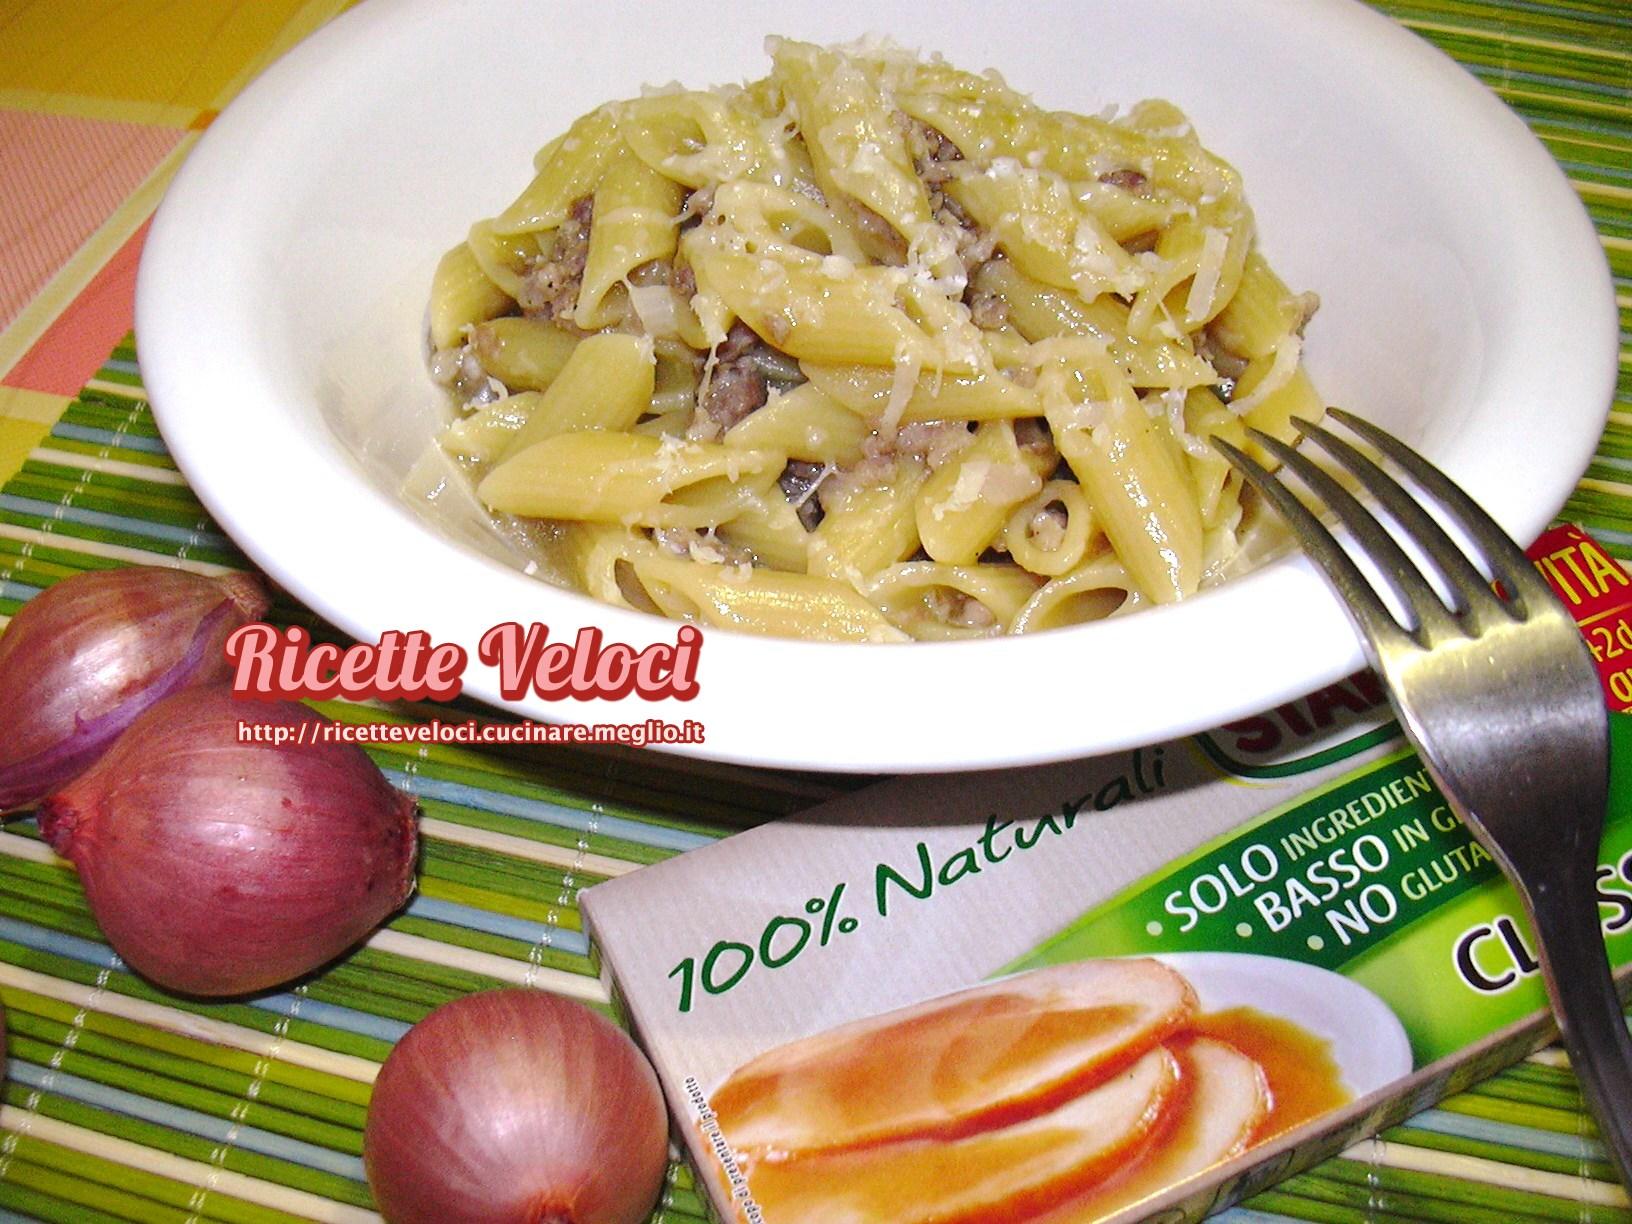 Pasta risottata con cipolla e salsiccia ricette veloci - Come cucinare salsiccia ...